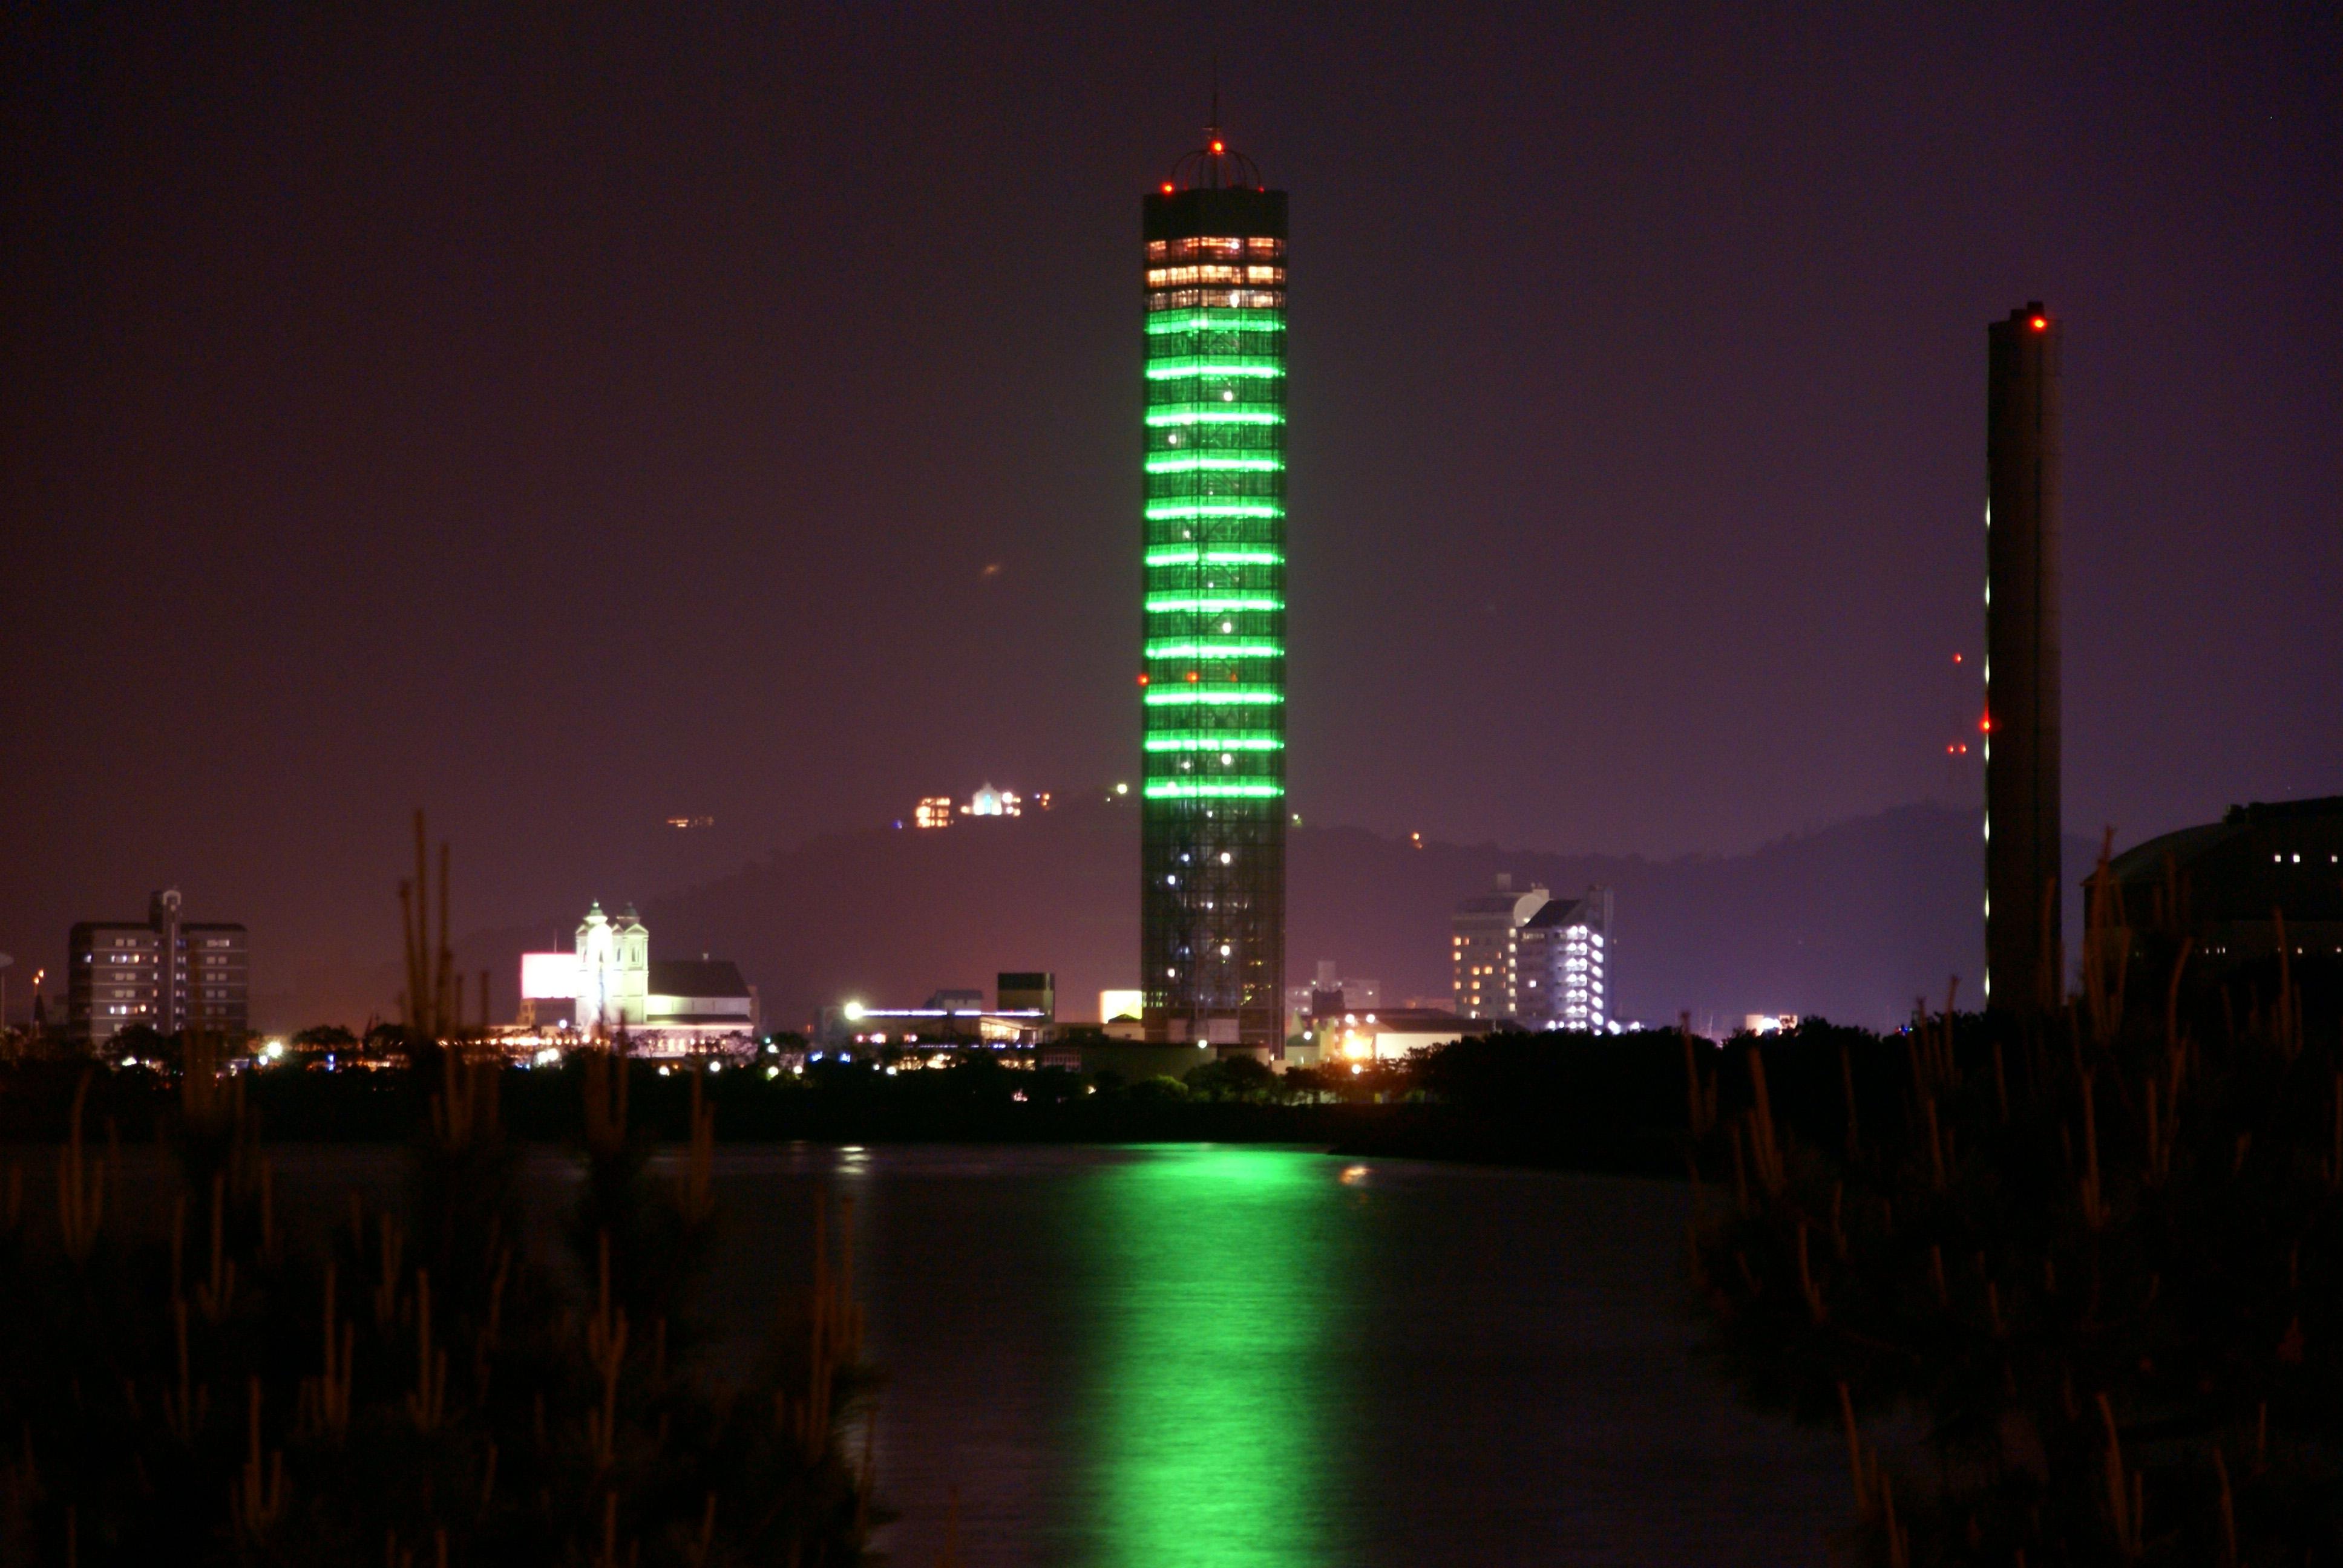 ゴールドタワーの夜景です。